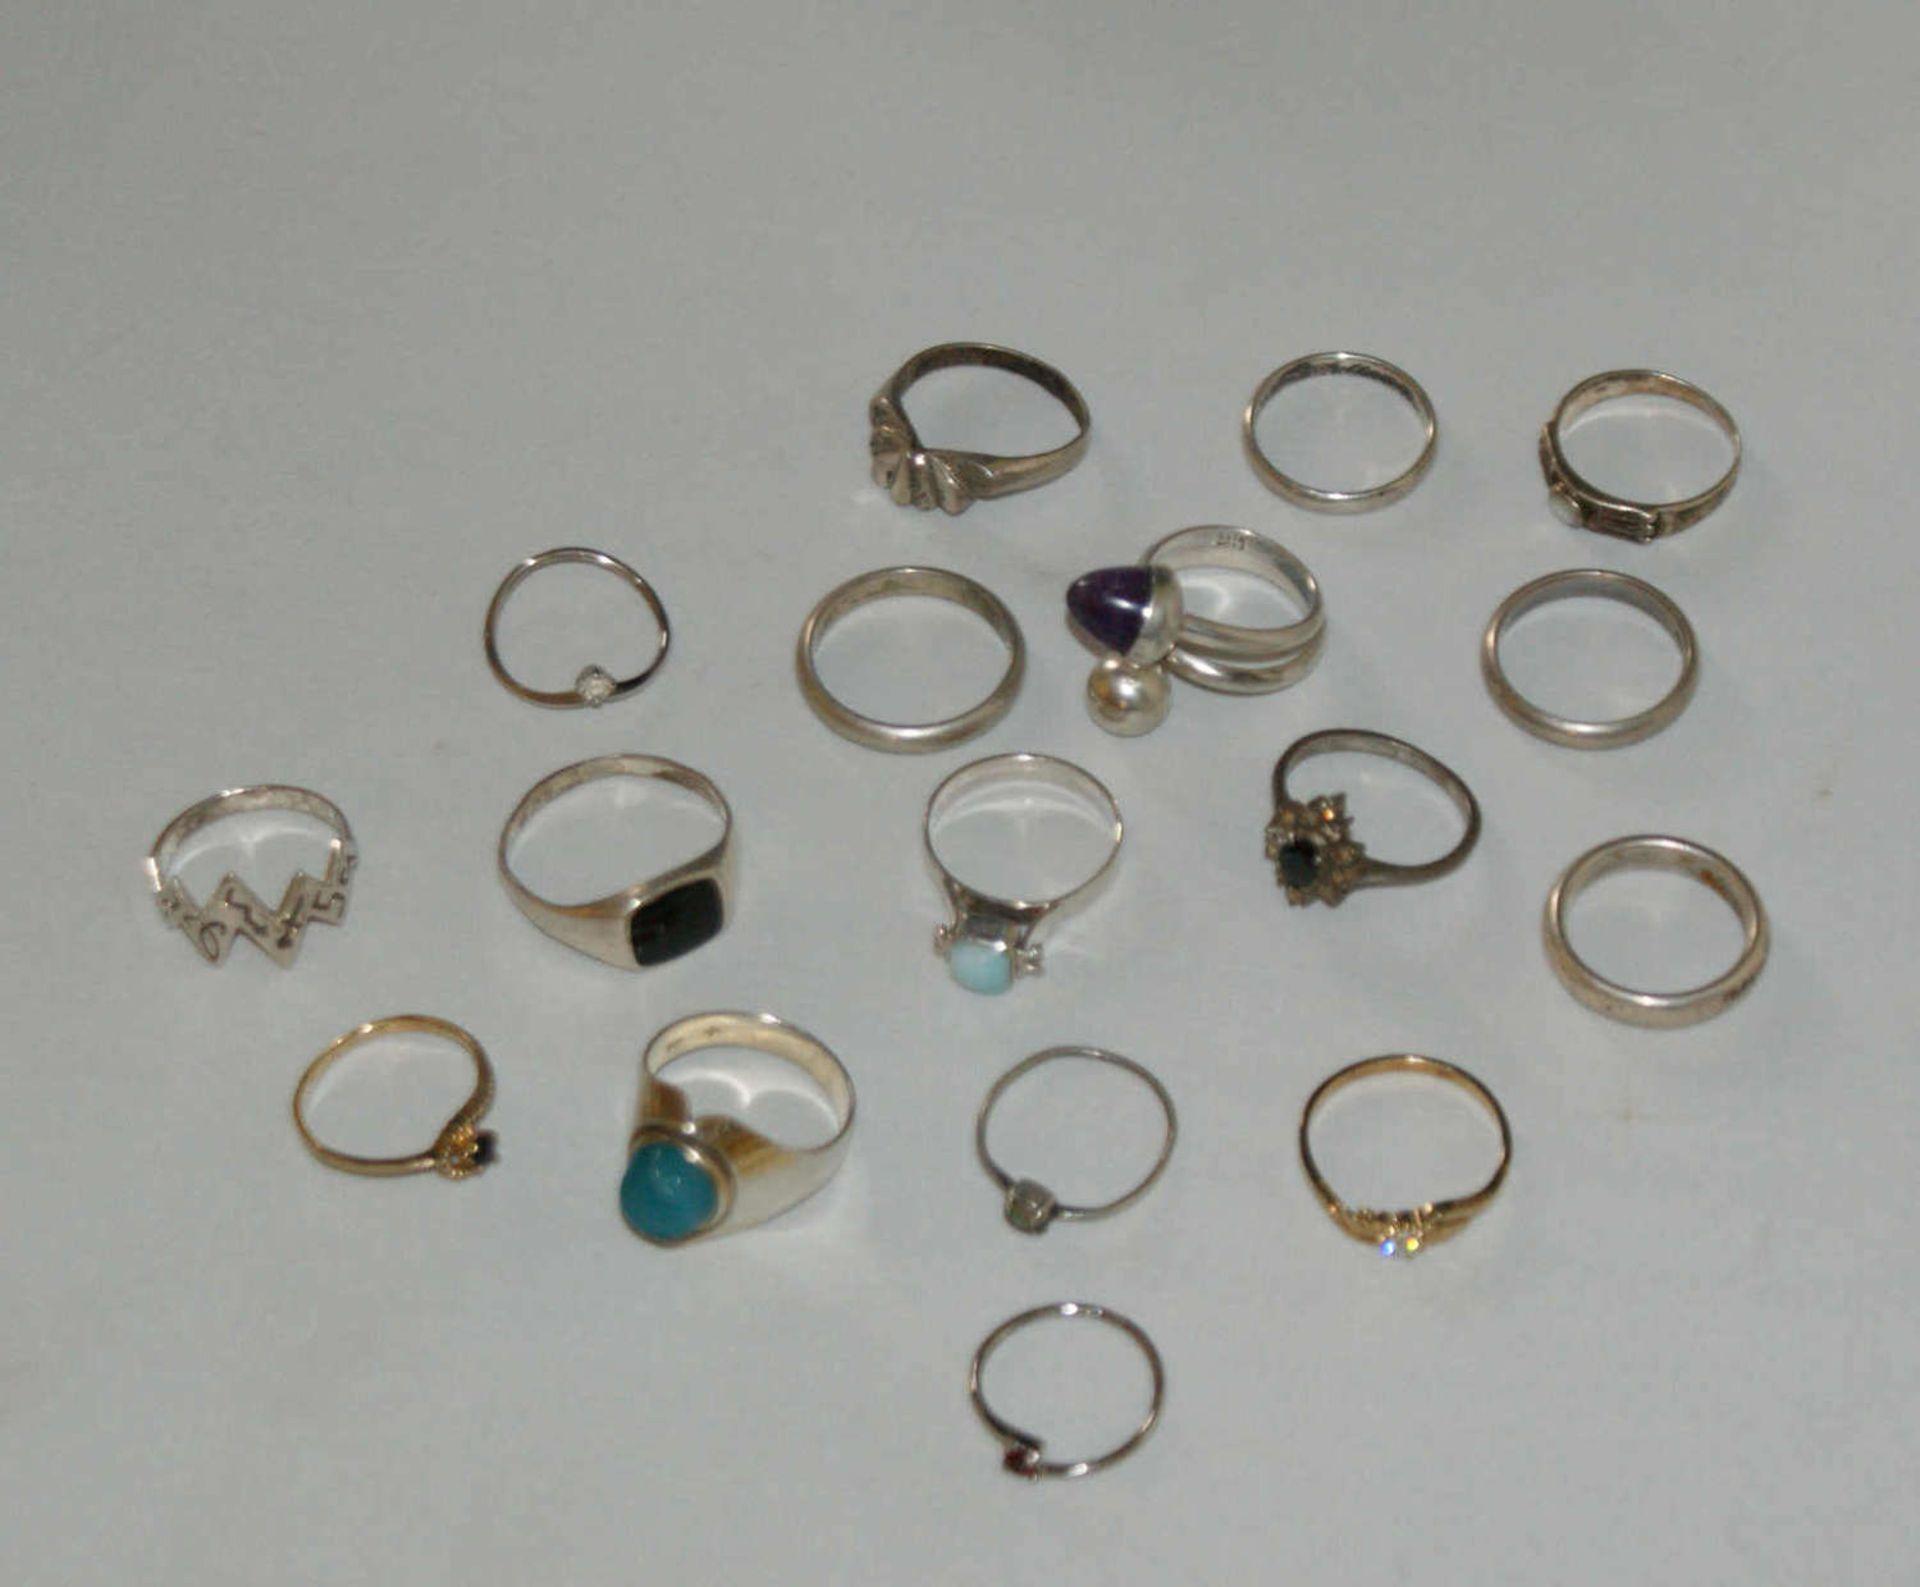 Konvolut Ringe, Silber, verschiedene Modelle, insgesamt 17 Stück, Gewicht ca. 40 gr